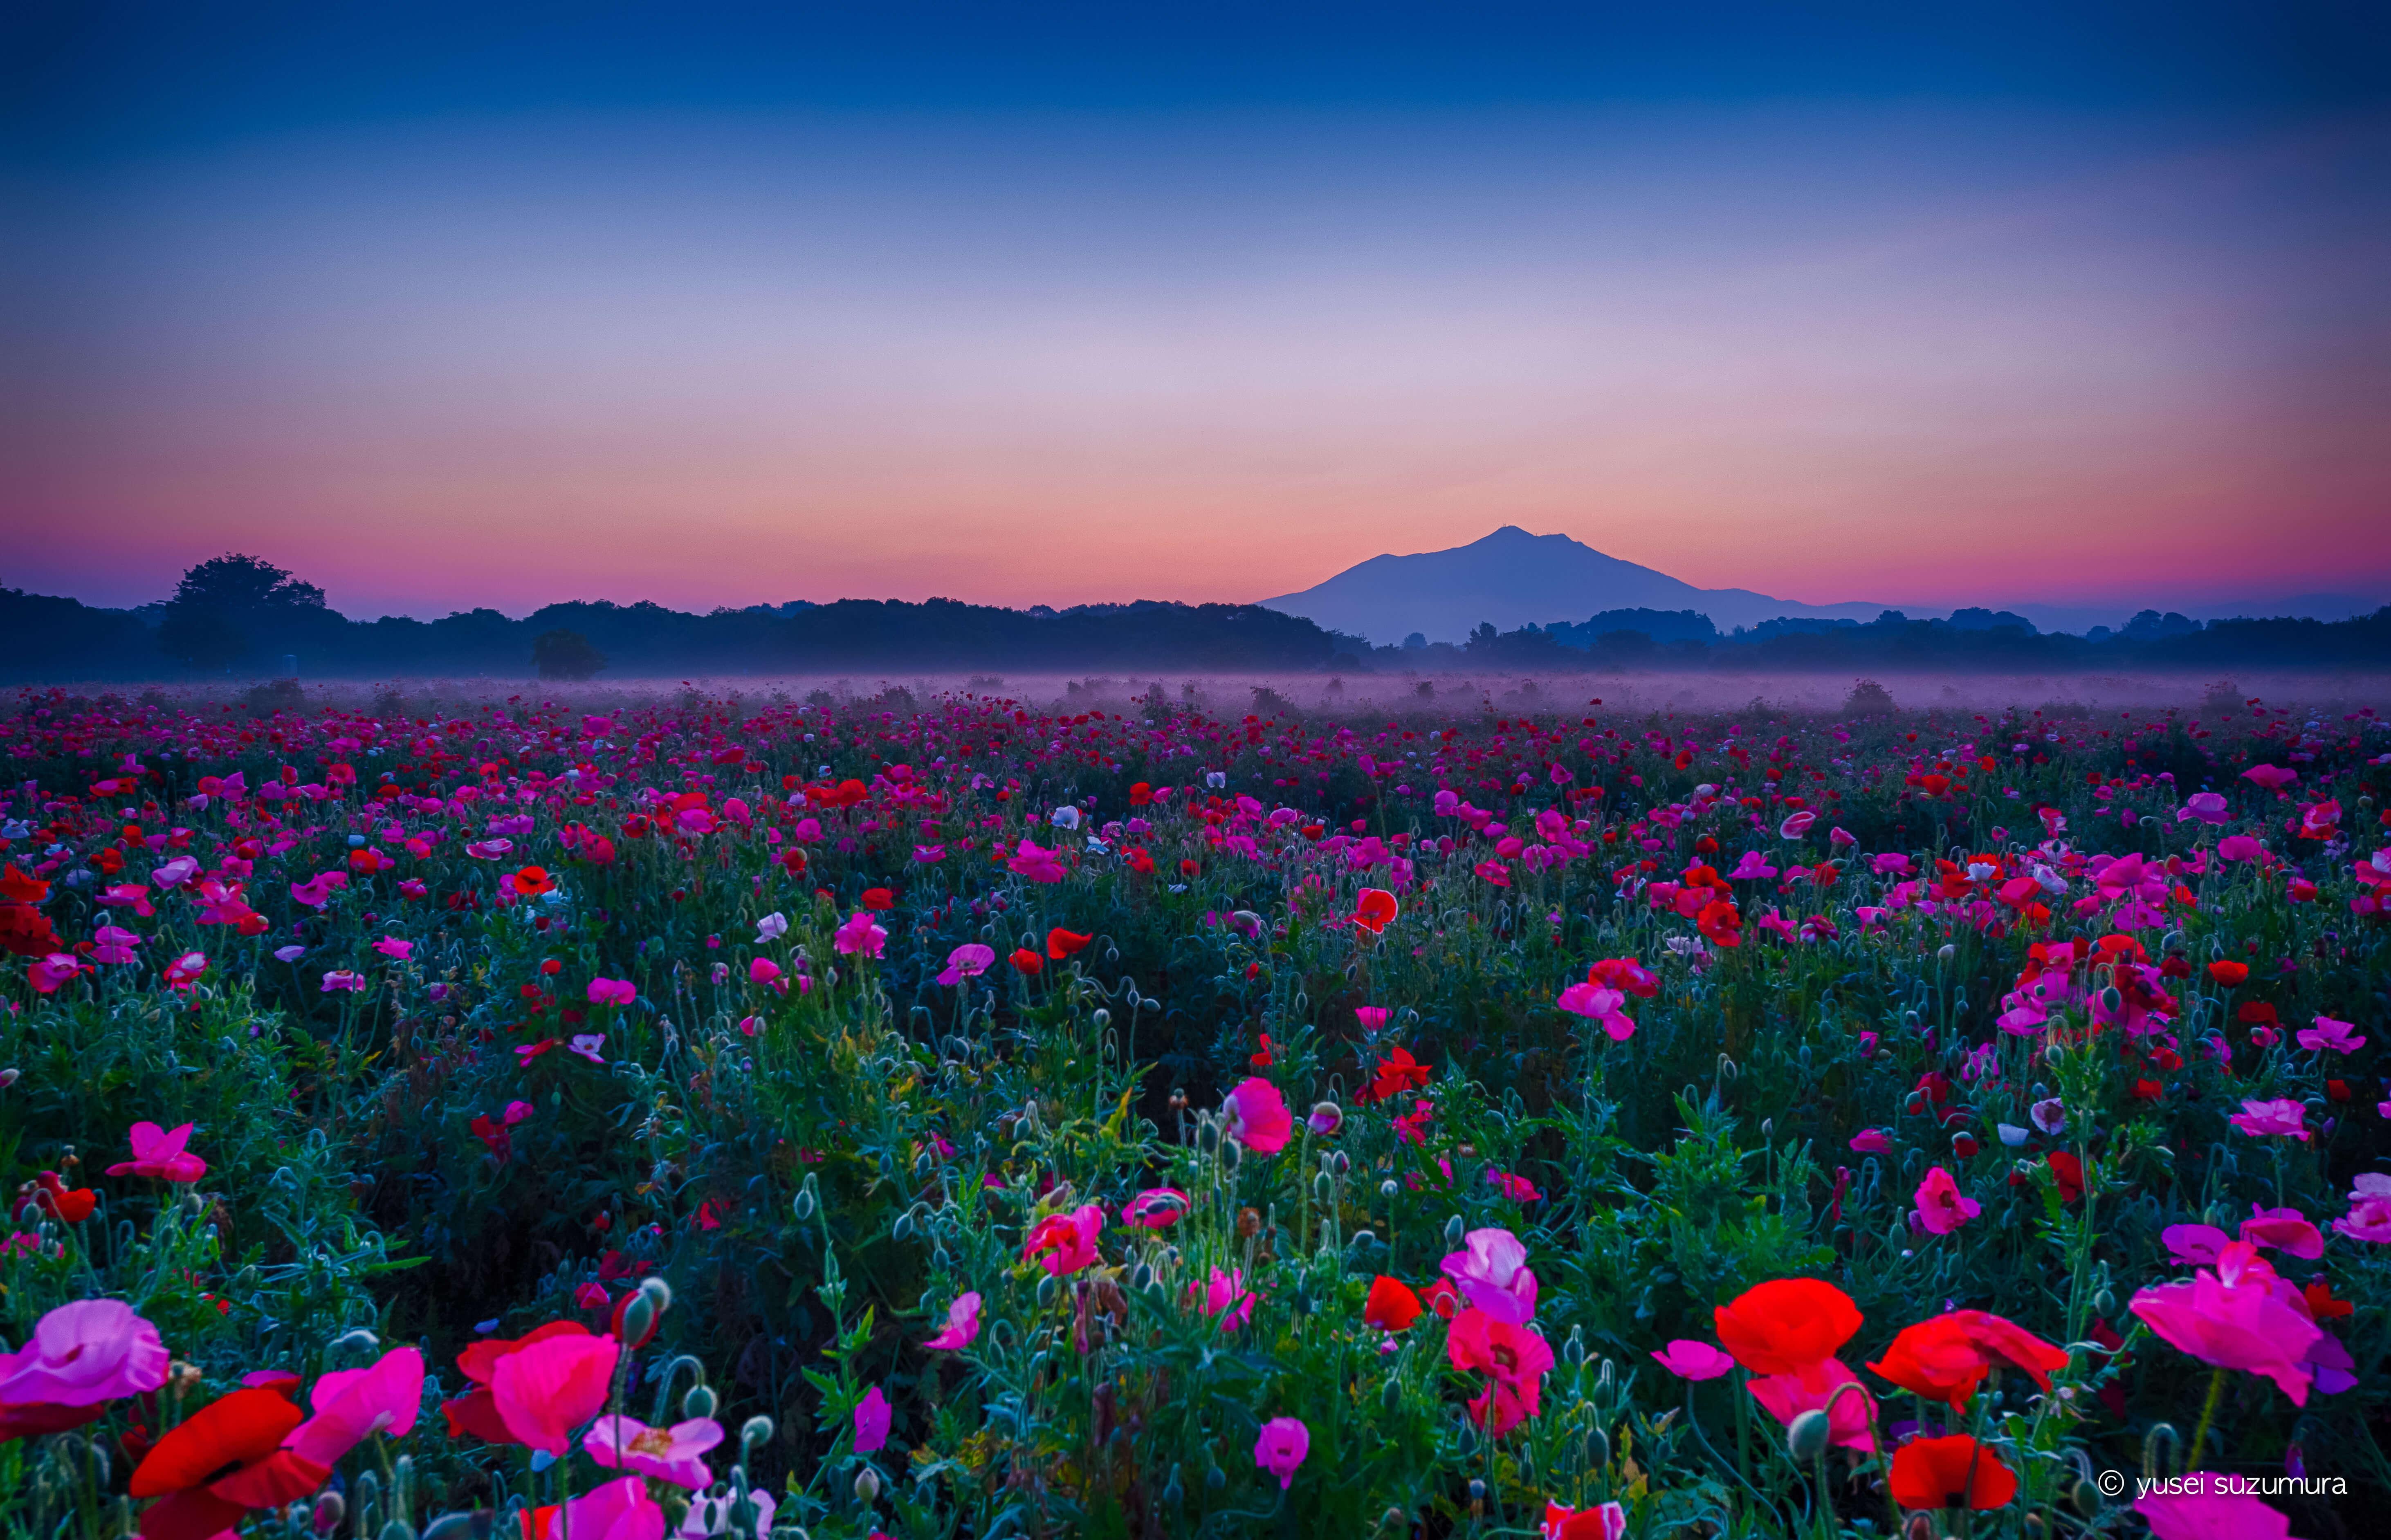 小貝川ふれあい公園で朝靄のダイヤモンド筑波山&ポピーを撮影!